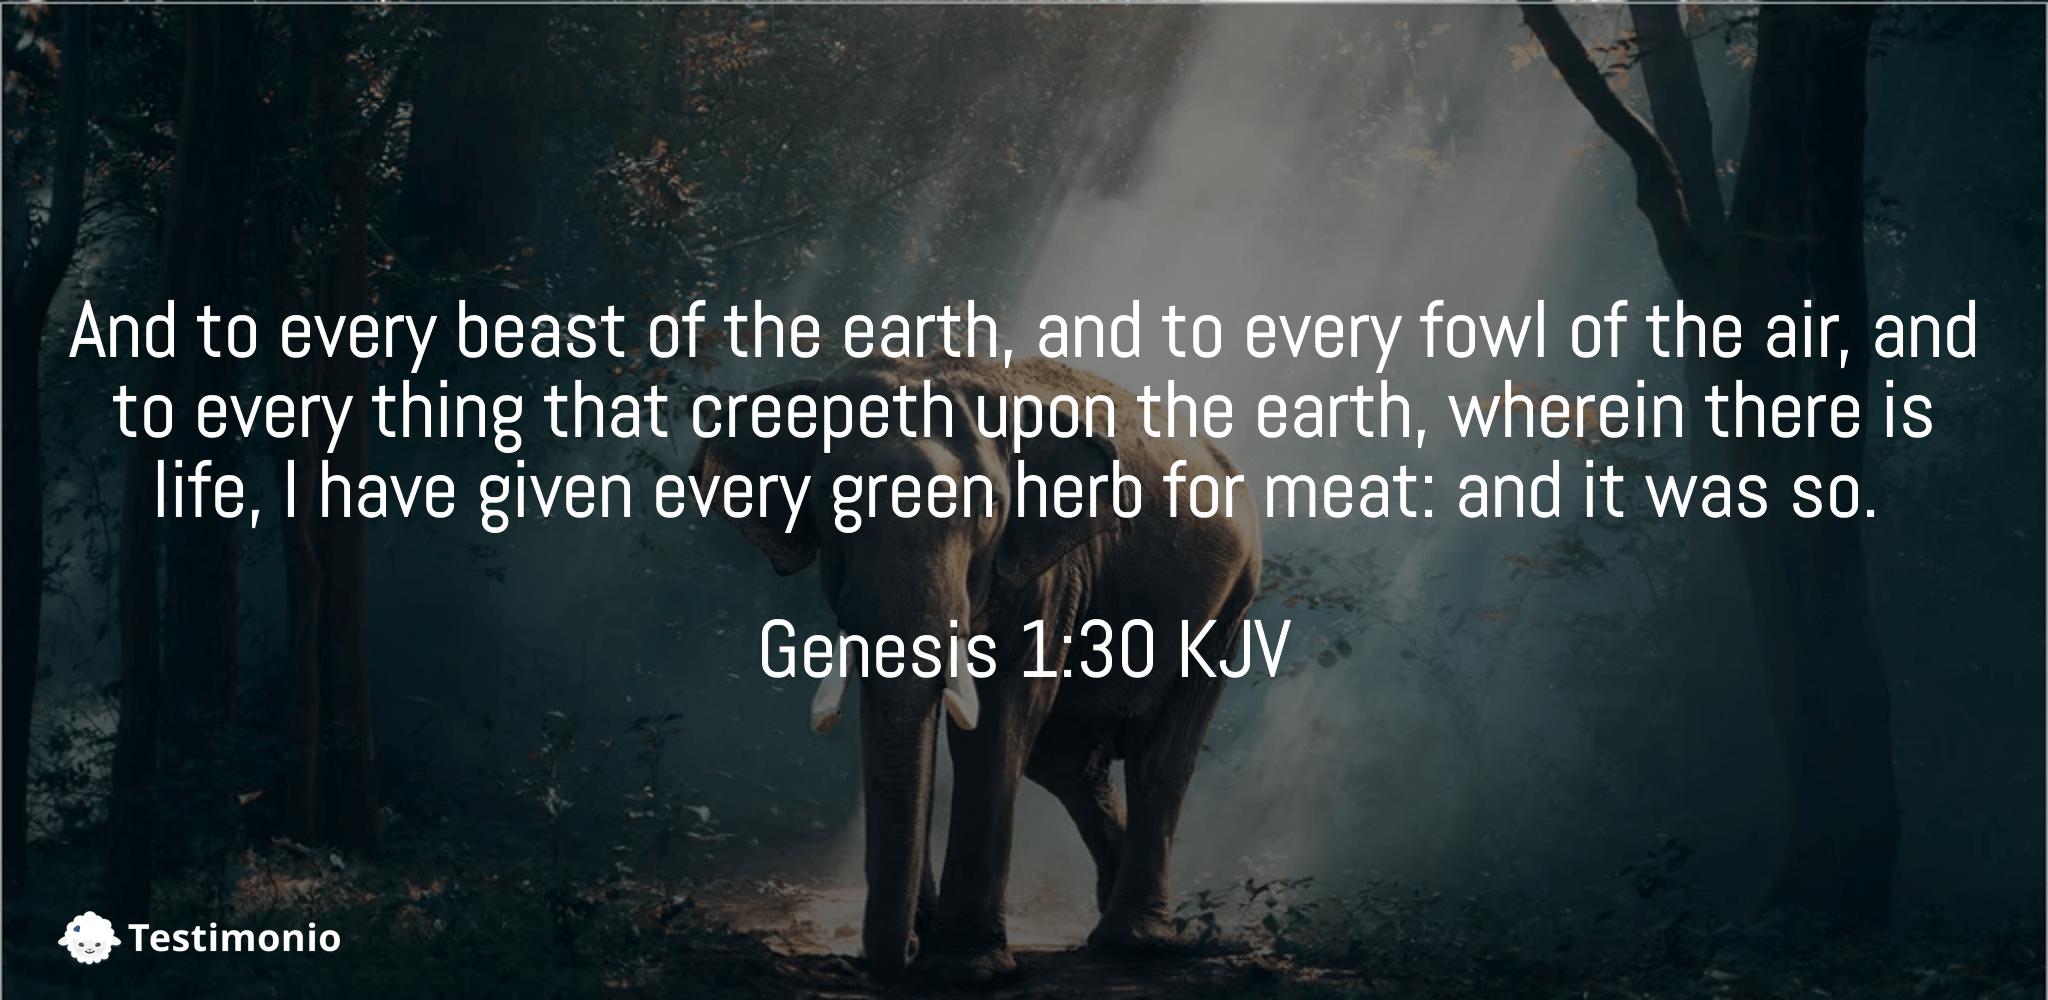 Genesis 1:30